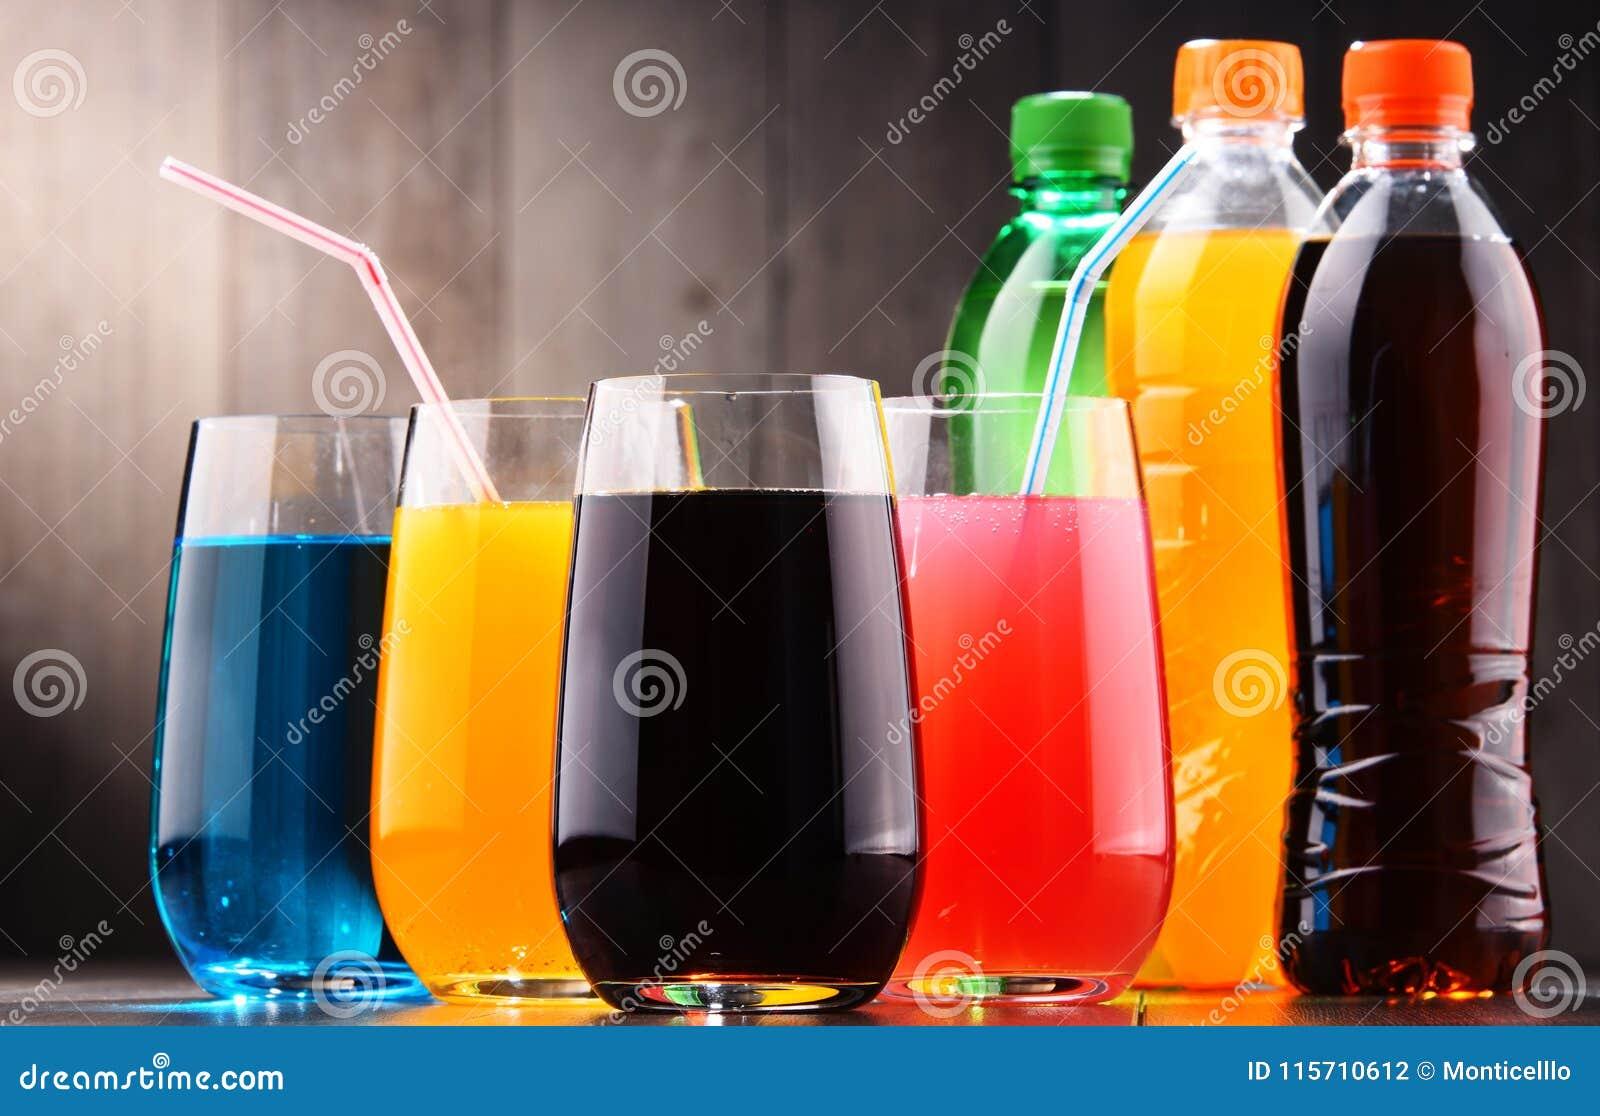 Gläser Und Flaschen Sortierte Gekohlte Alkoholfreie Getränke ...